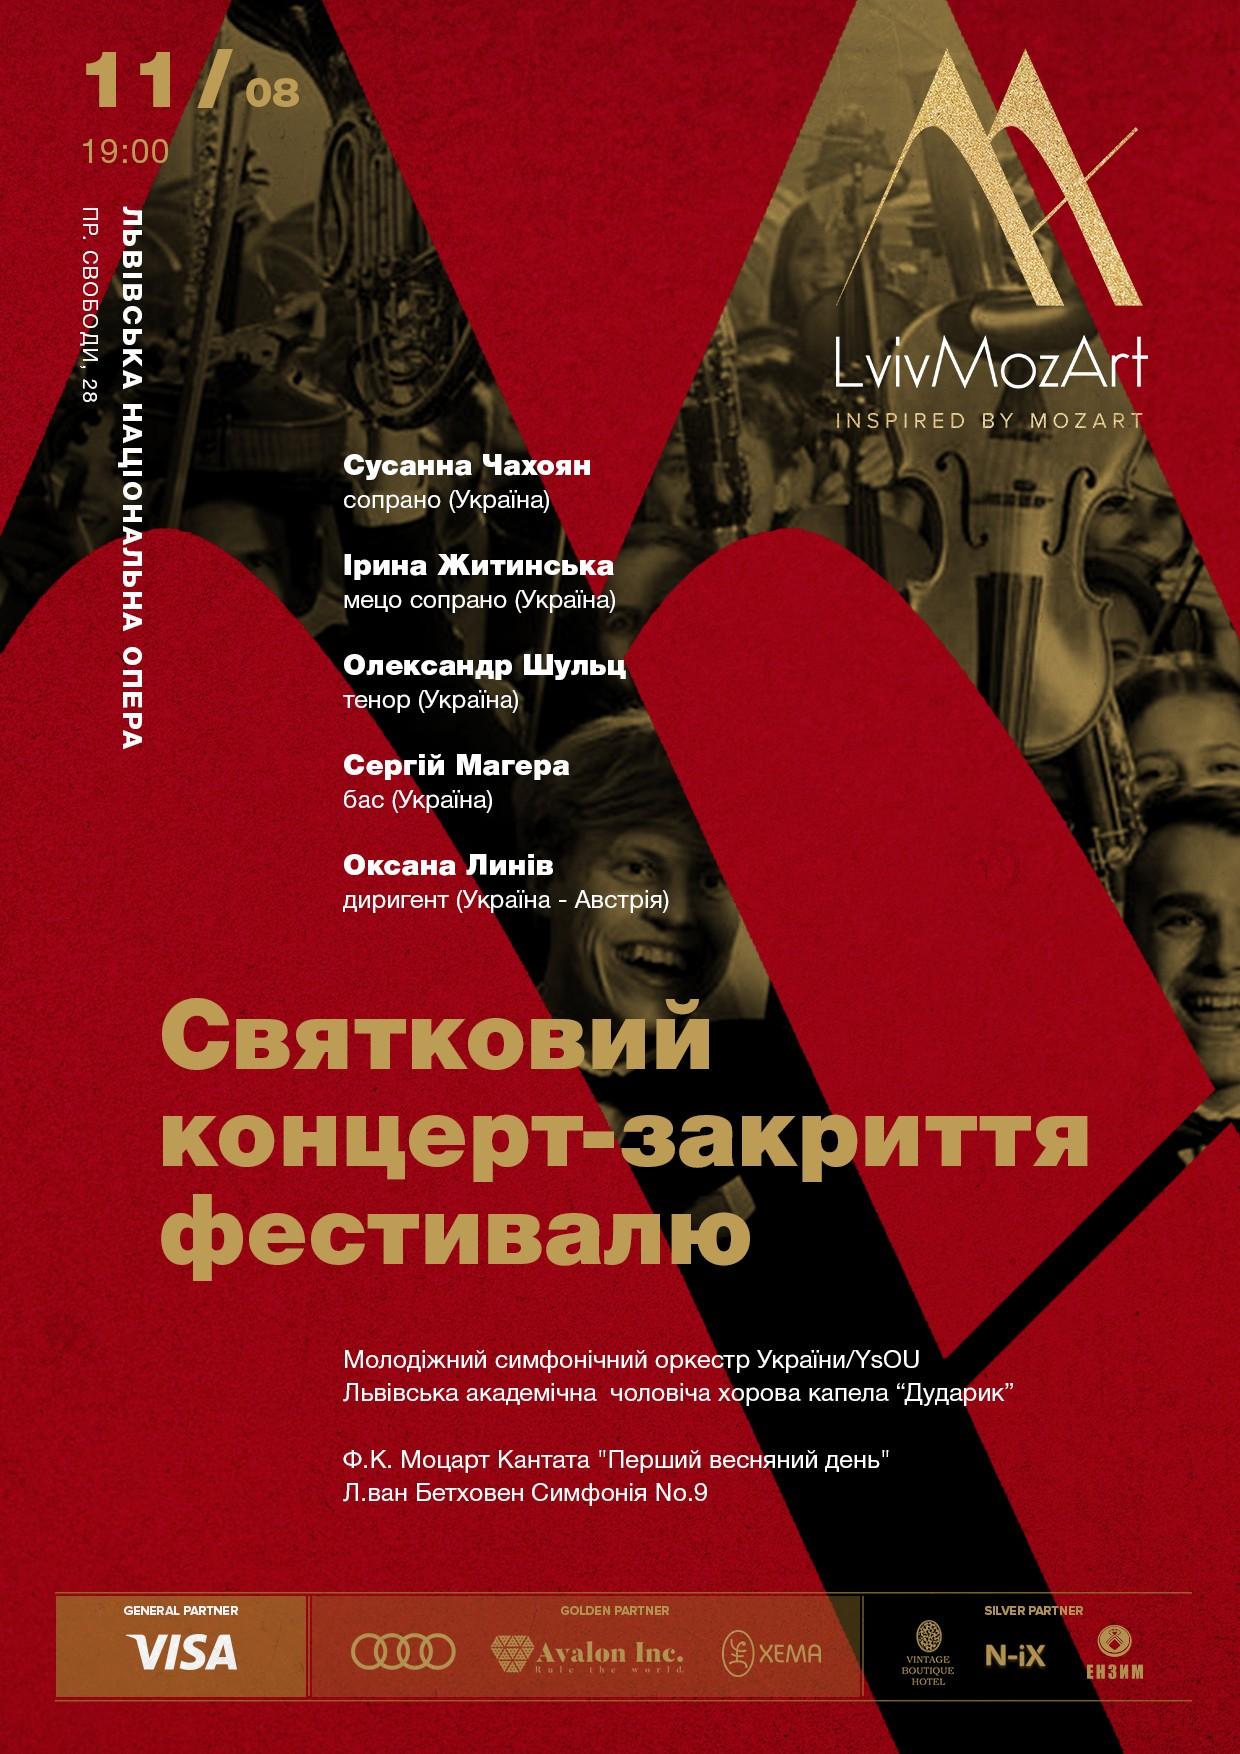 Билеты Концерт-закриття фестивалю